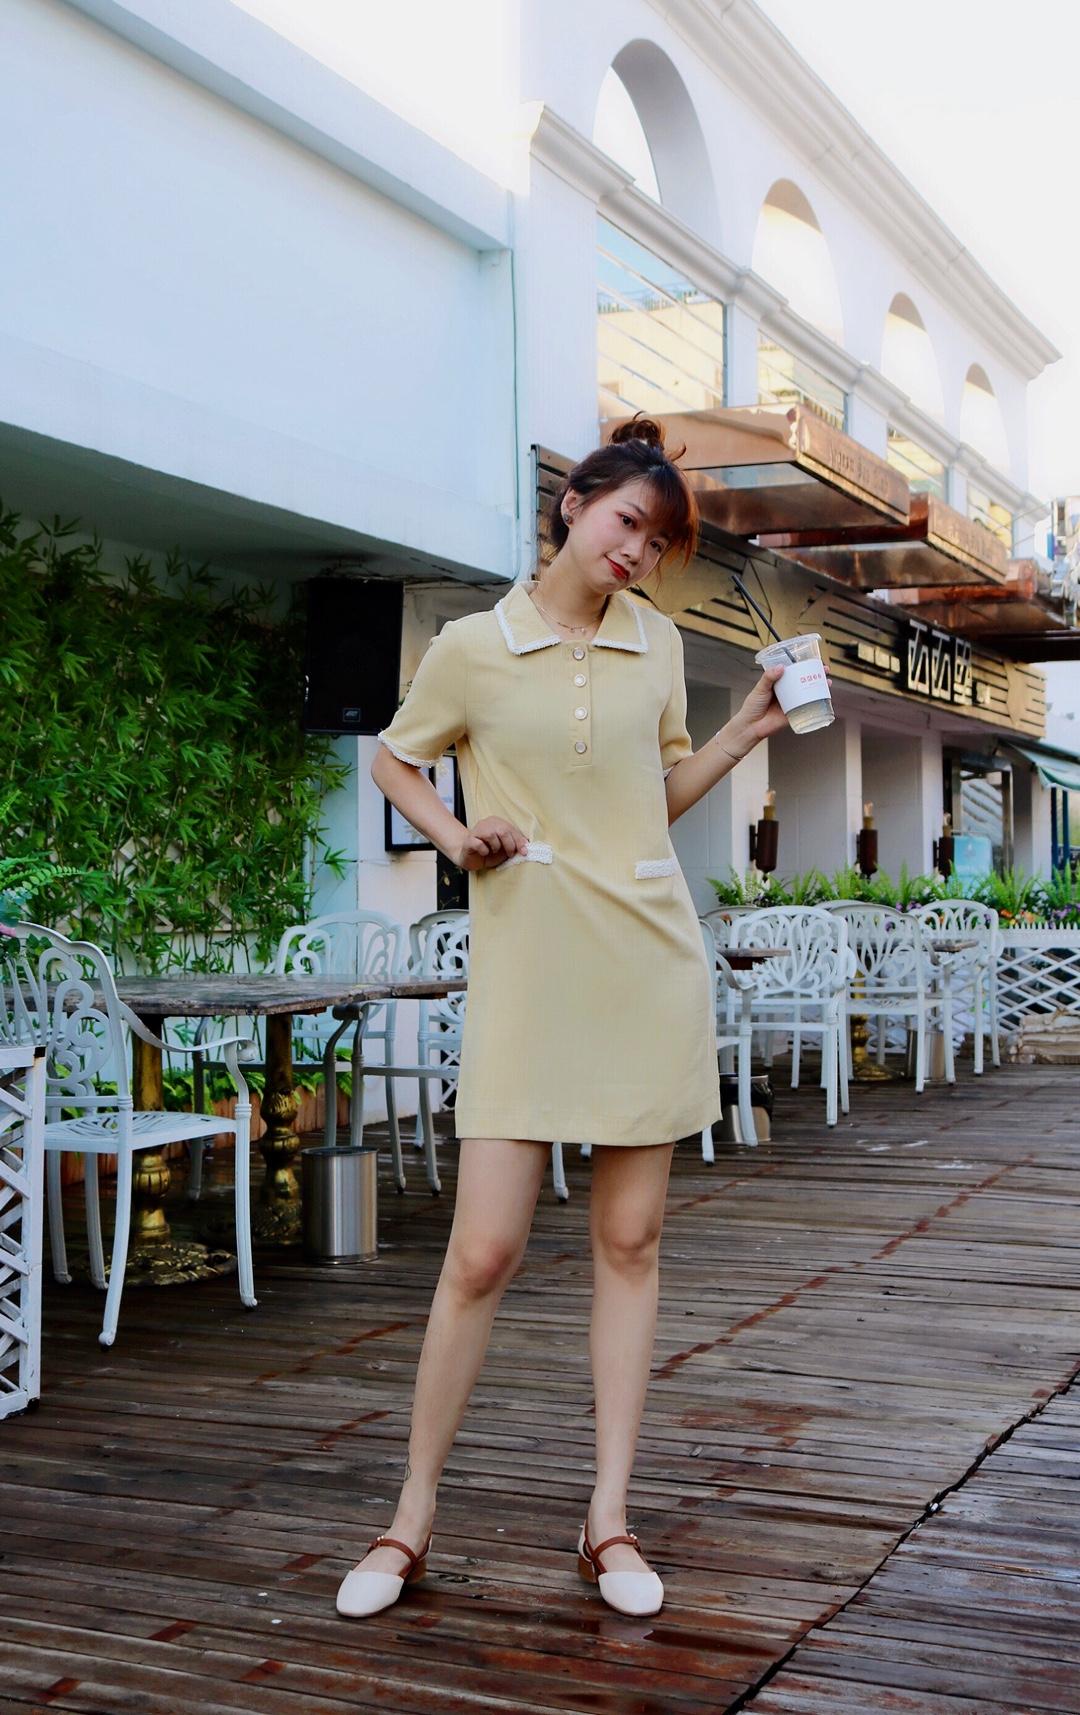 #法式穿搭,气质值+100!#  这是优雅气质的法式连衣裙 胸前气质翻领增添少女心 长度恰到好处 很显瘦显高 宽松的版型正常身材都能穿 上身很舒适显瘦 胸前扣子最上面那个是爱心形状的 细节感满满 柠檬黄颜色清新很显白 搭配同色系小高跟 真的是温柔气质满分💯